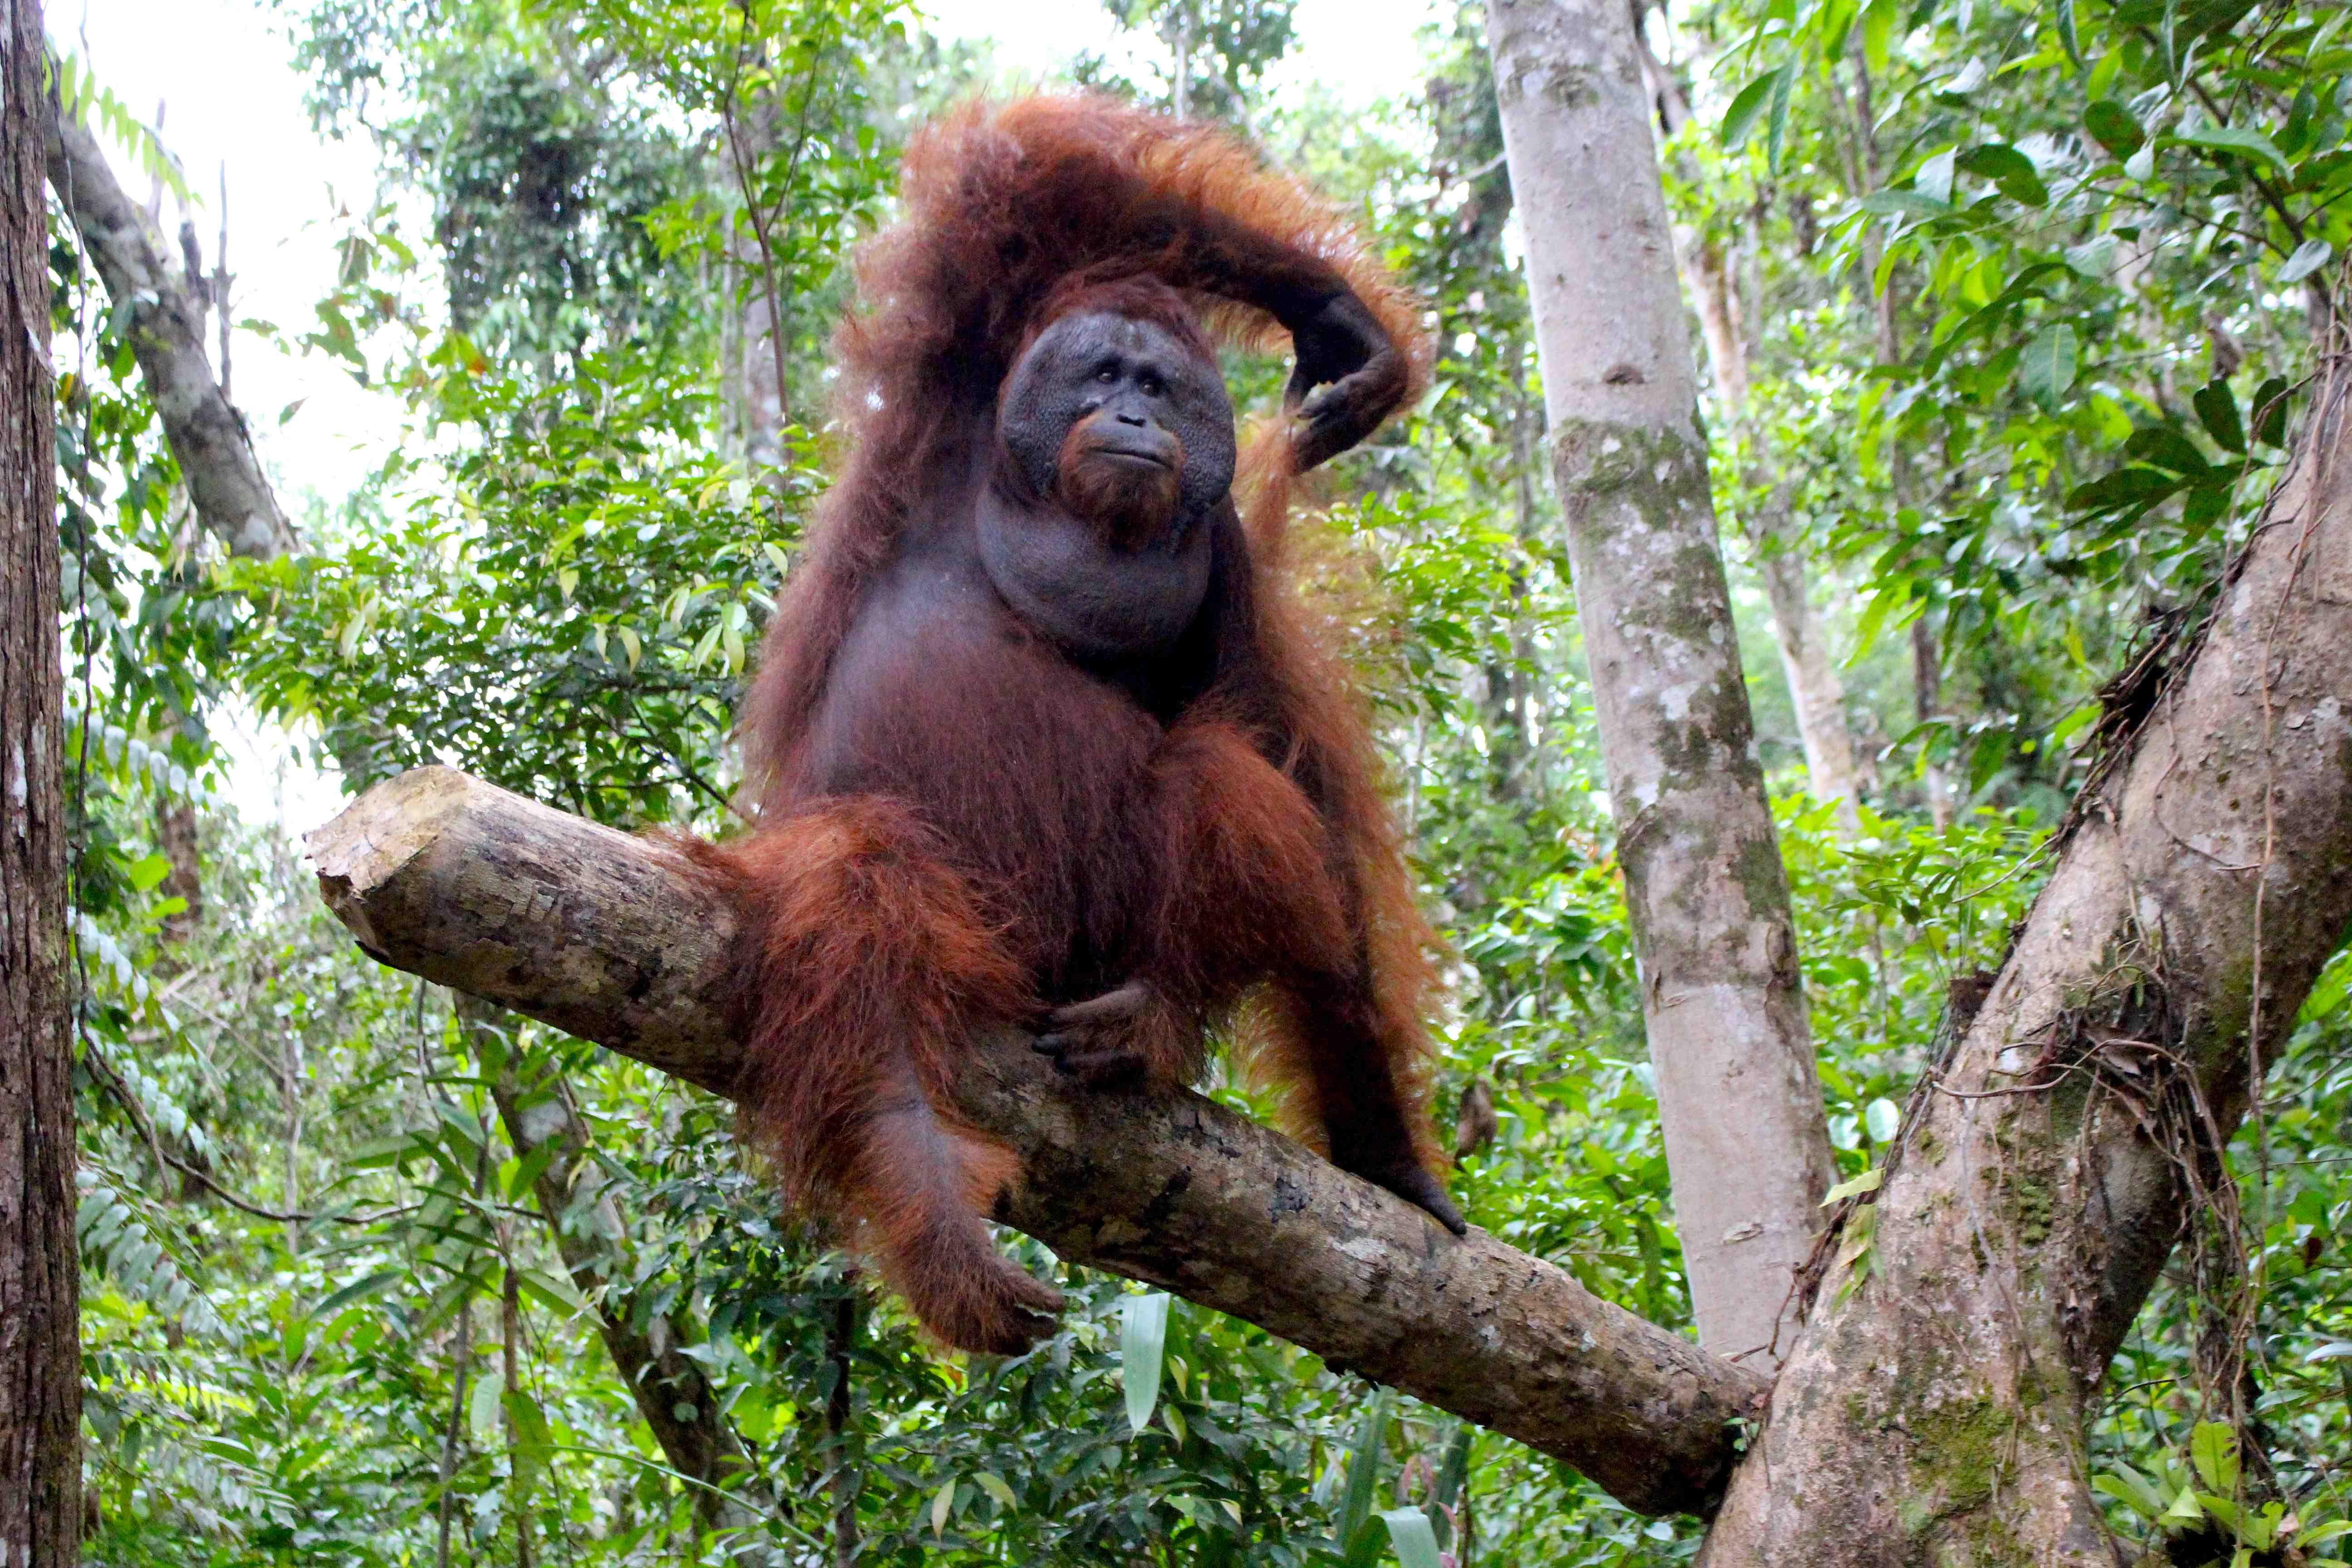 Orangutan As Food Google Search Orangtans Orangutan Monkey